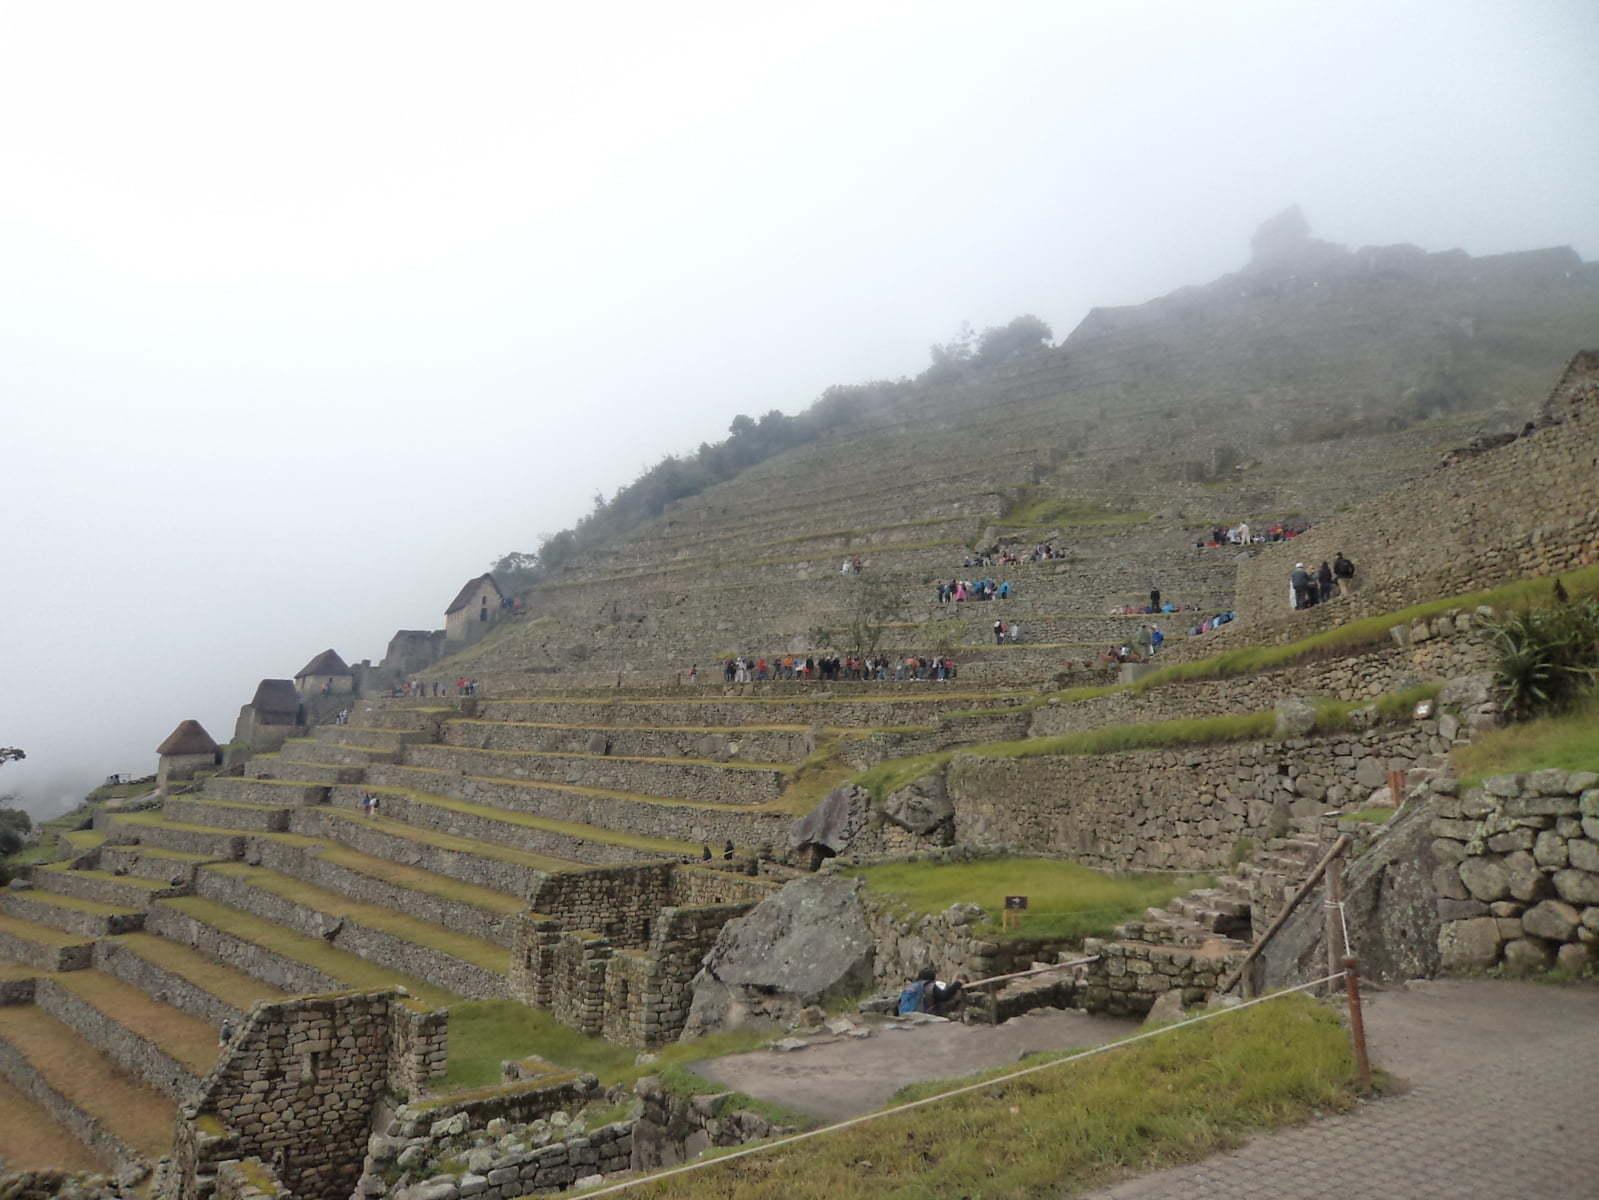 Tecnologia na agricultura fazia os degraus para criar microcliemas para cultivo - Machu Picchu, Peru